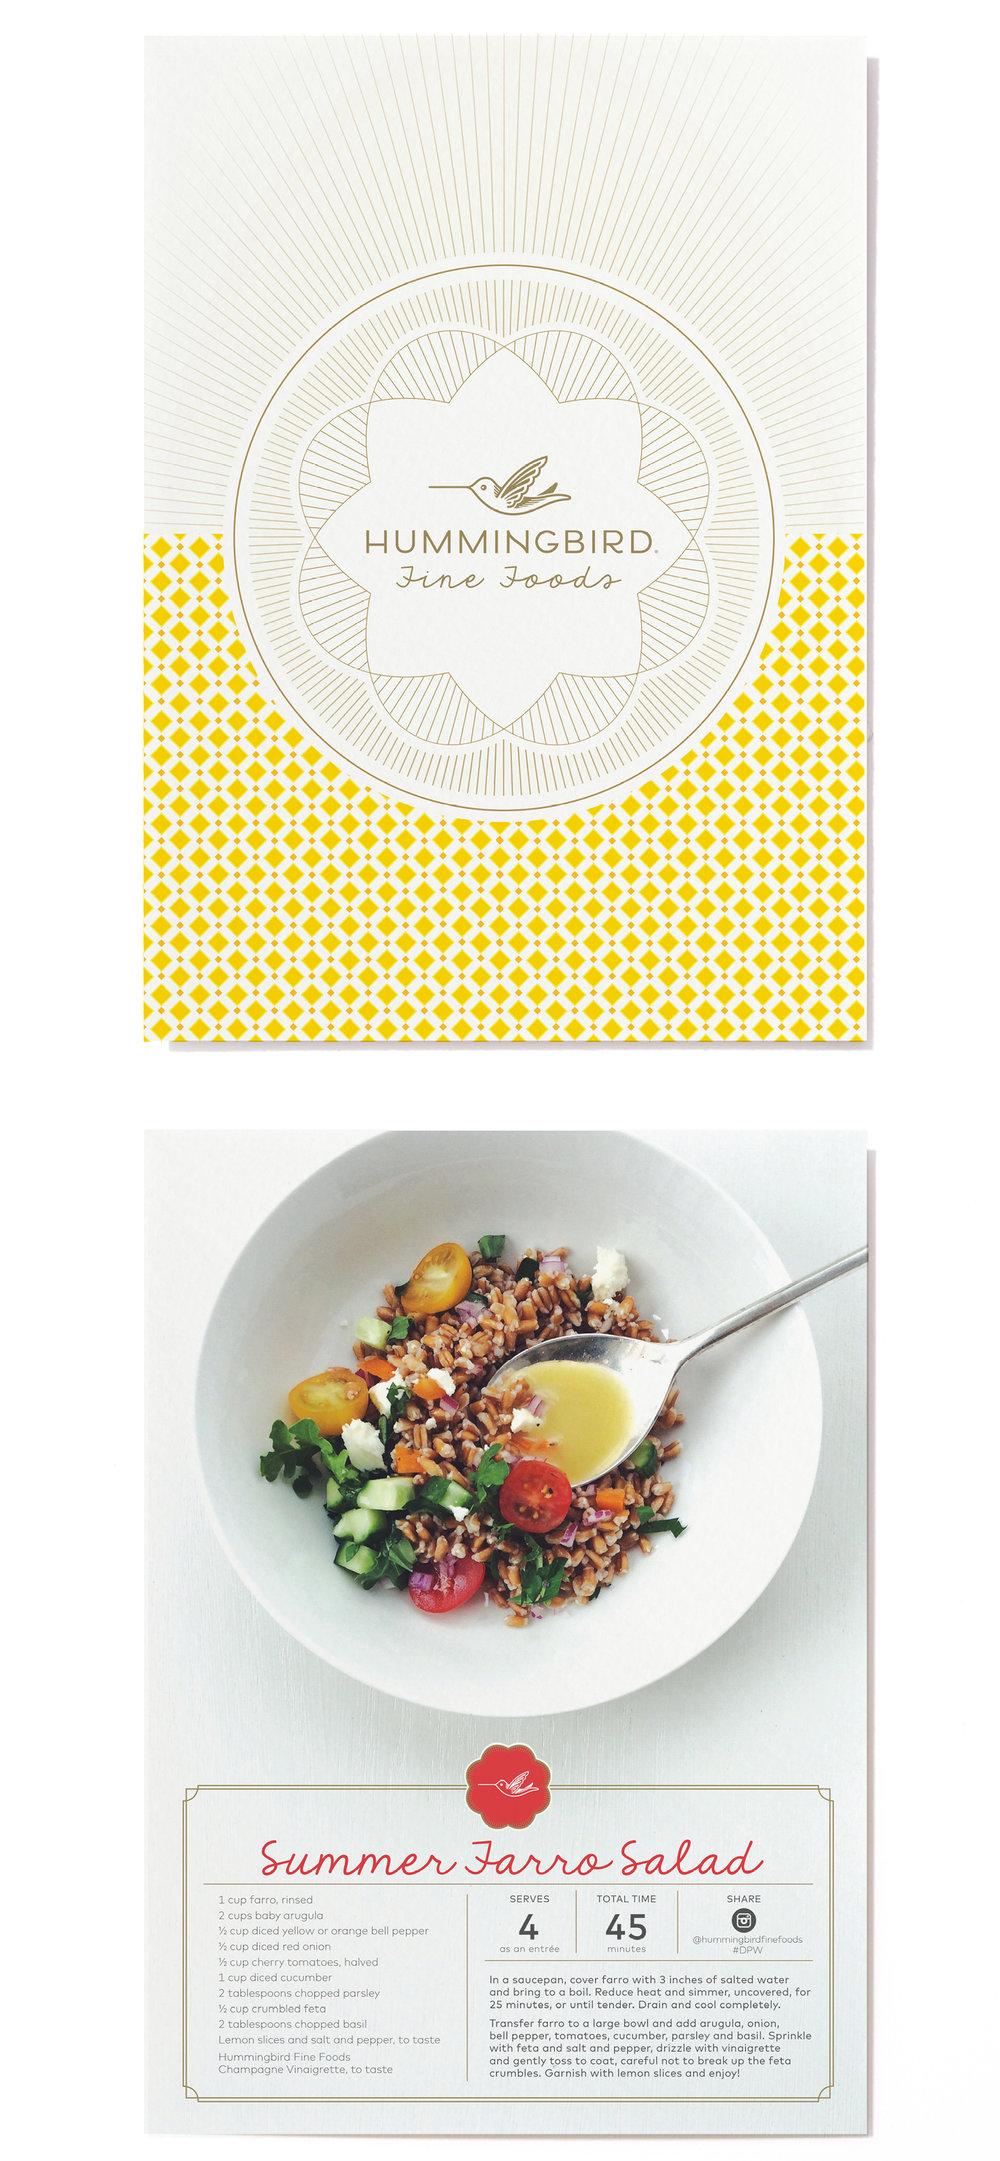 Coosa-Hummingbird-Fine-Foods-08.jpg